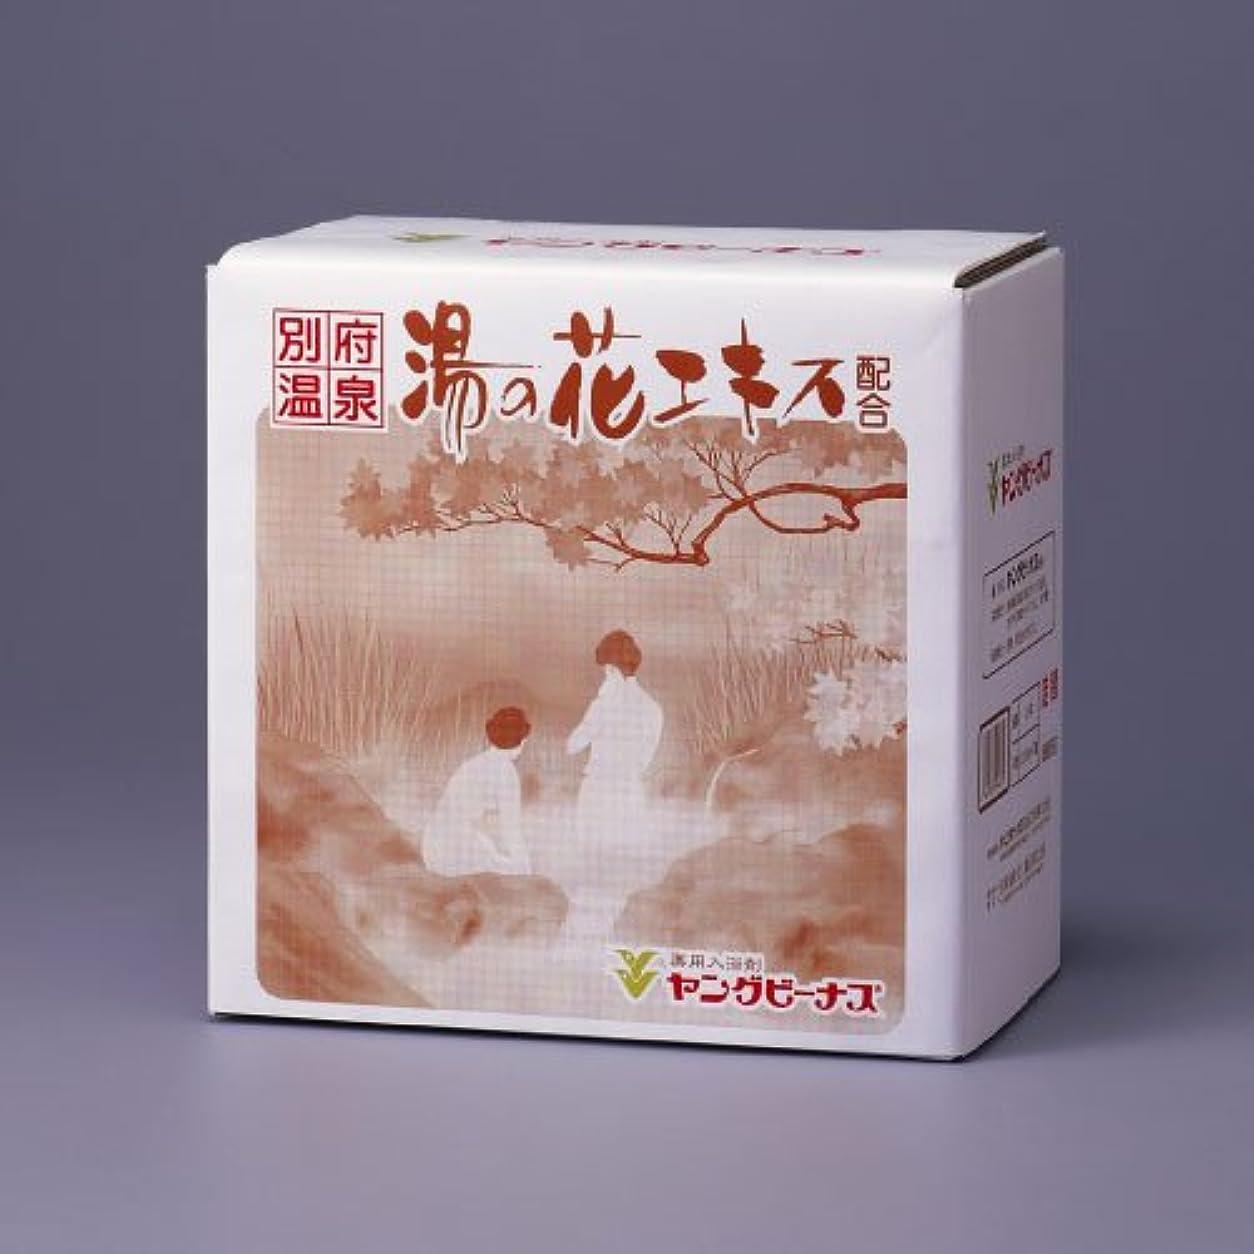 一掃するさまよう知人薬用入浴剤ヤングビーナスSv C-60【5.6kg】(詰替2.8kg2袋) [医薬部外品]